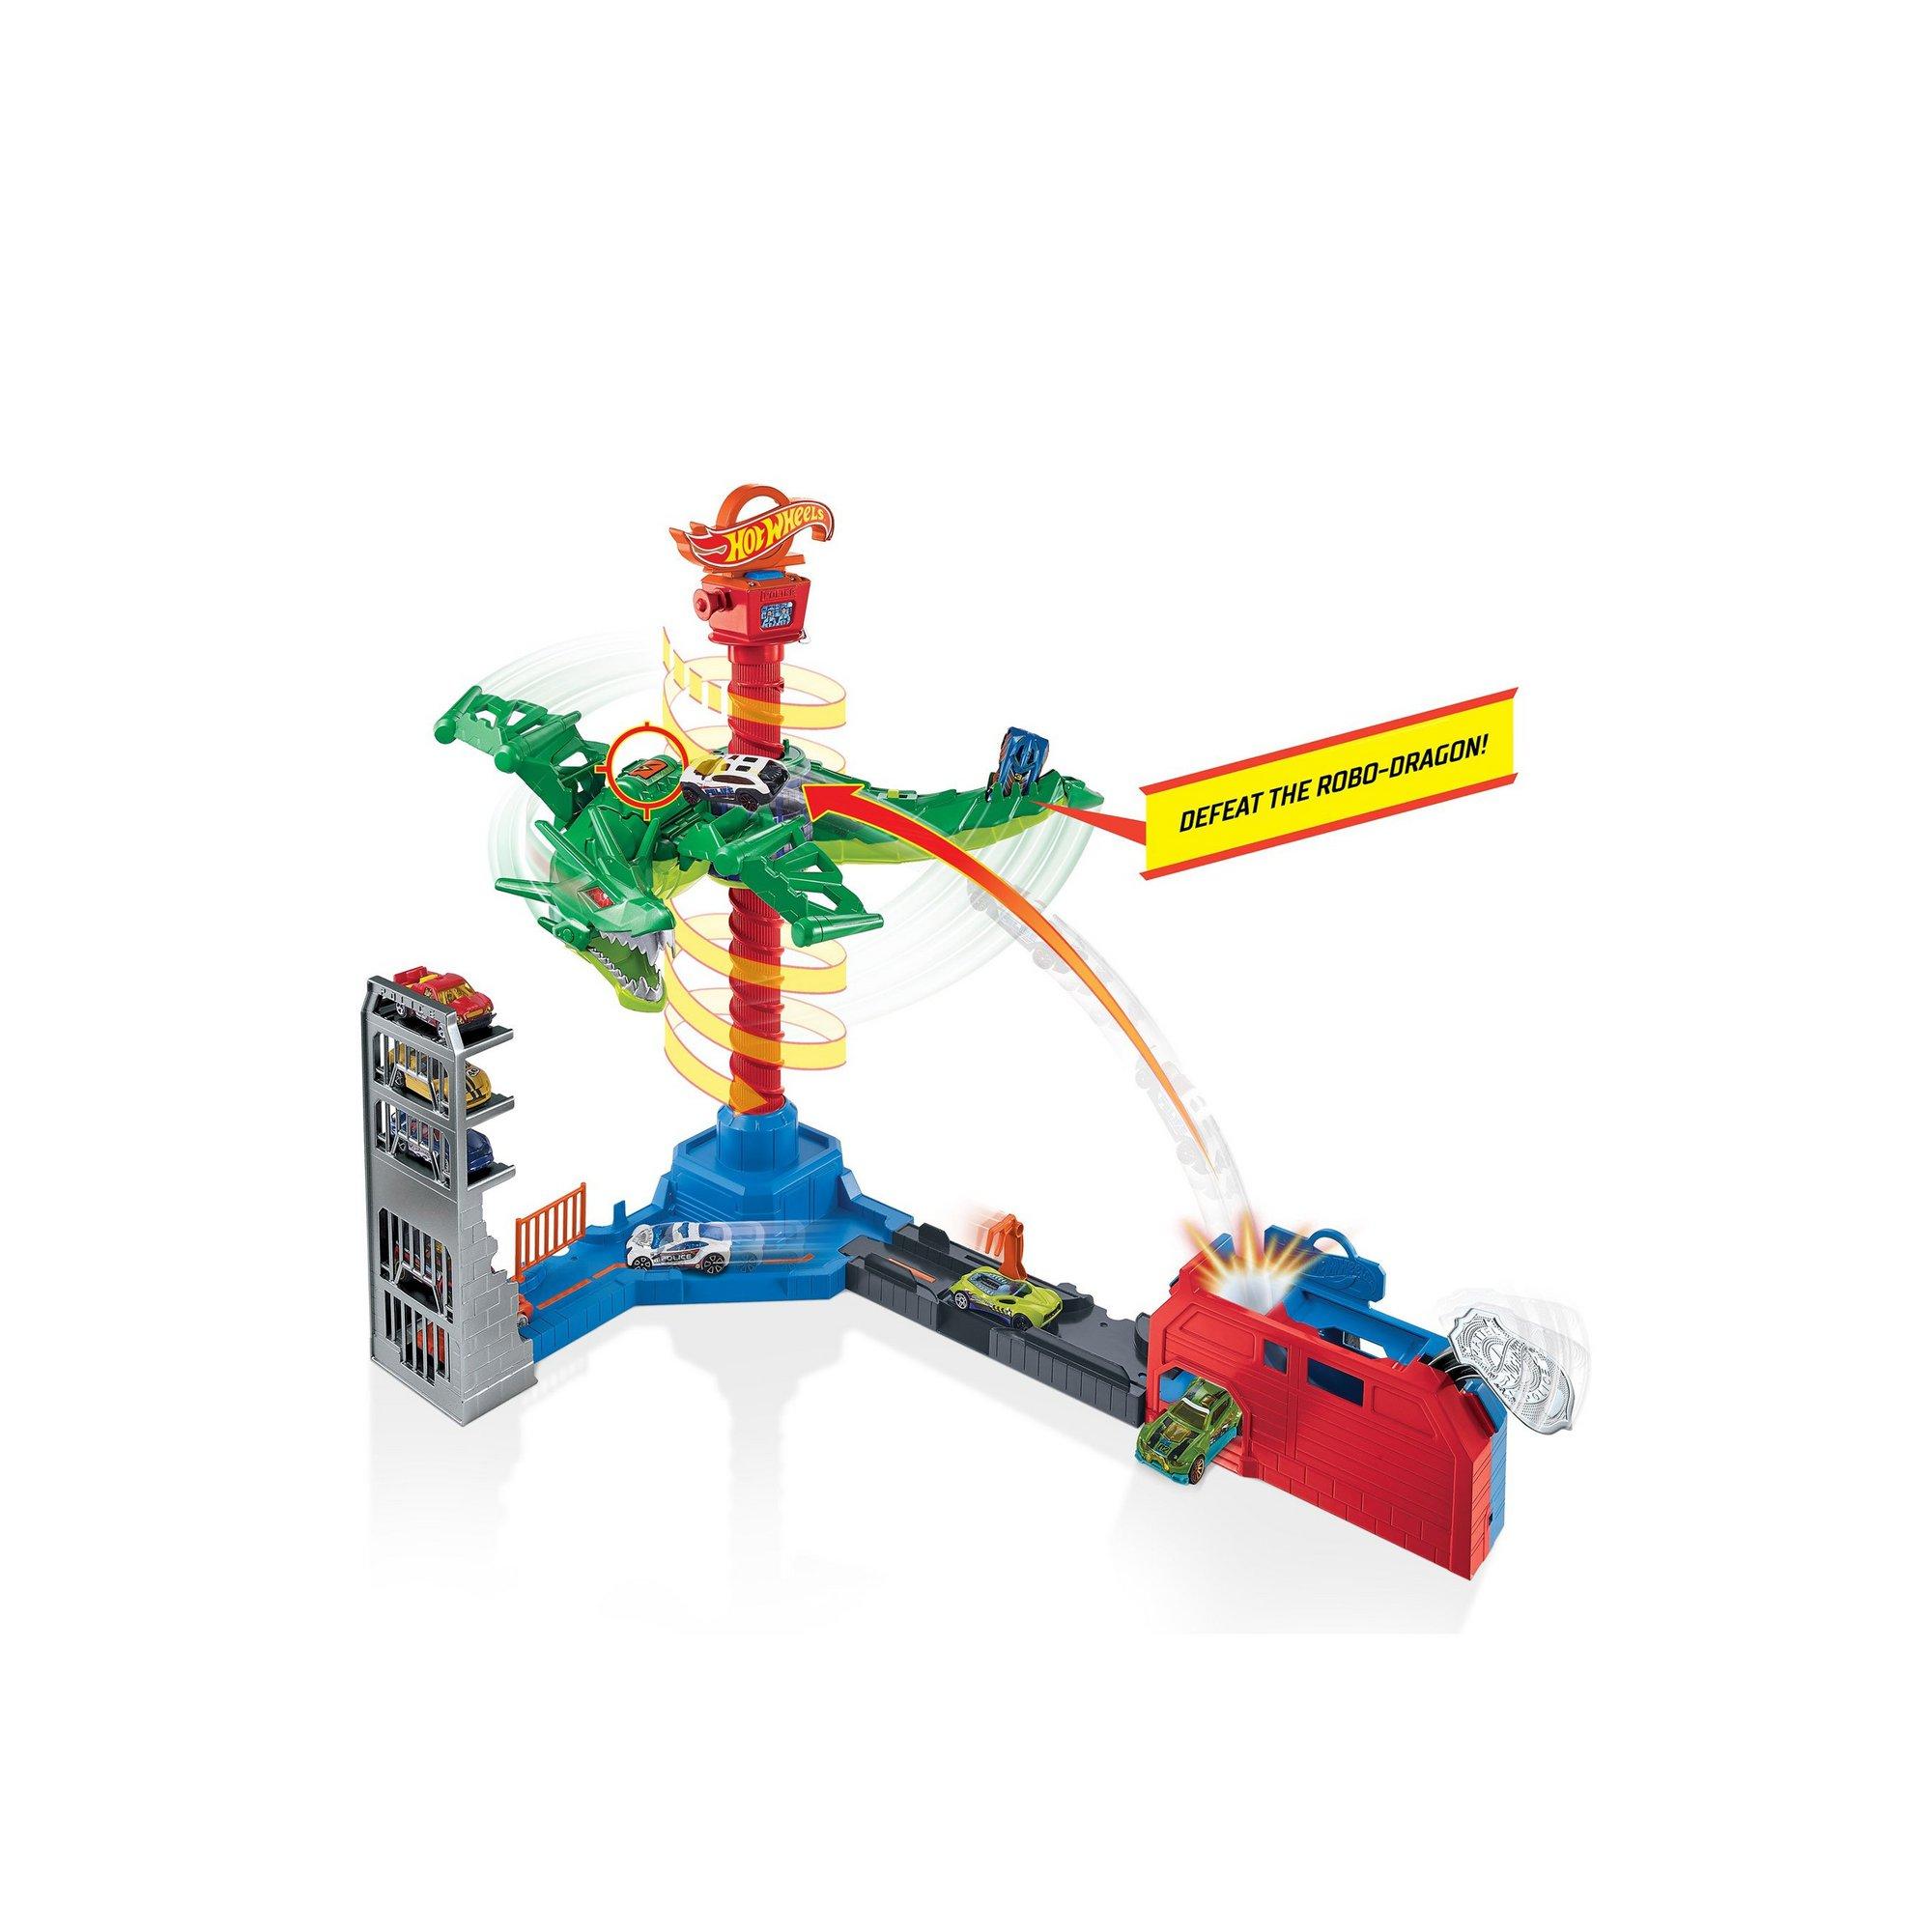 Image of Hot Wheels City Air Attack Dragon